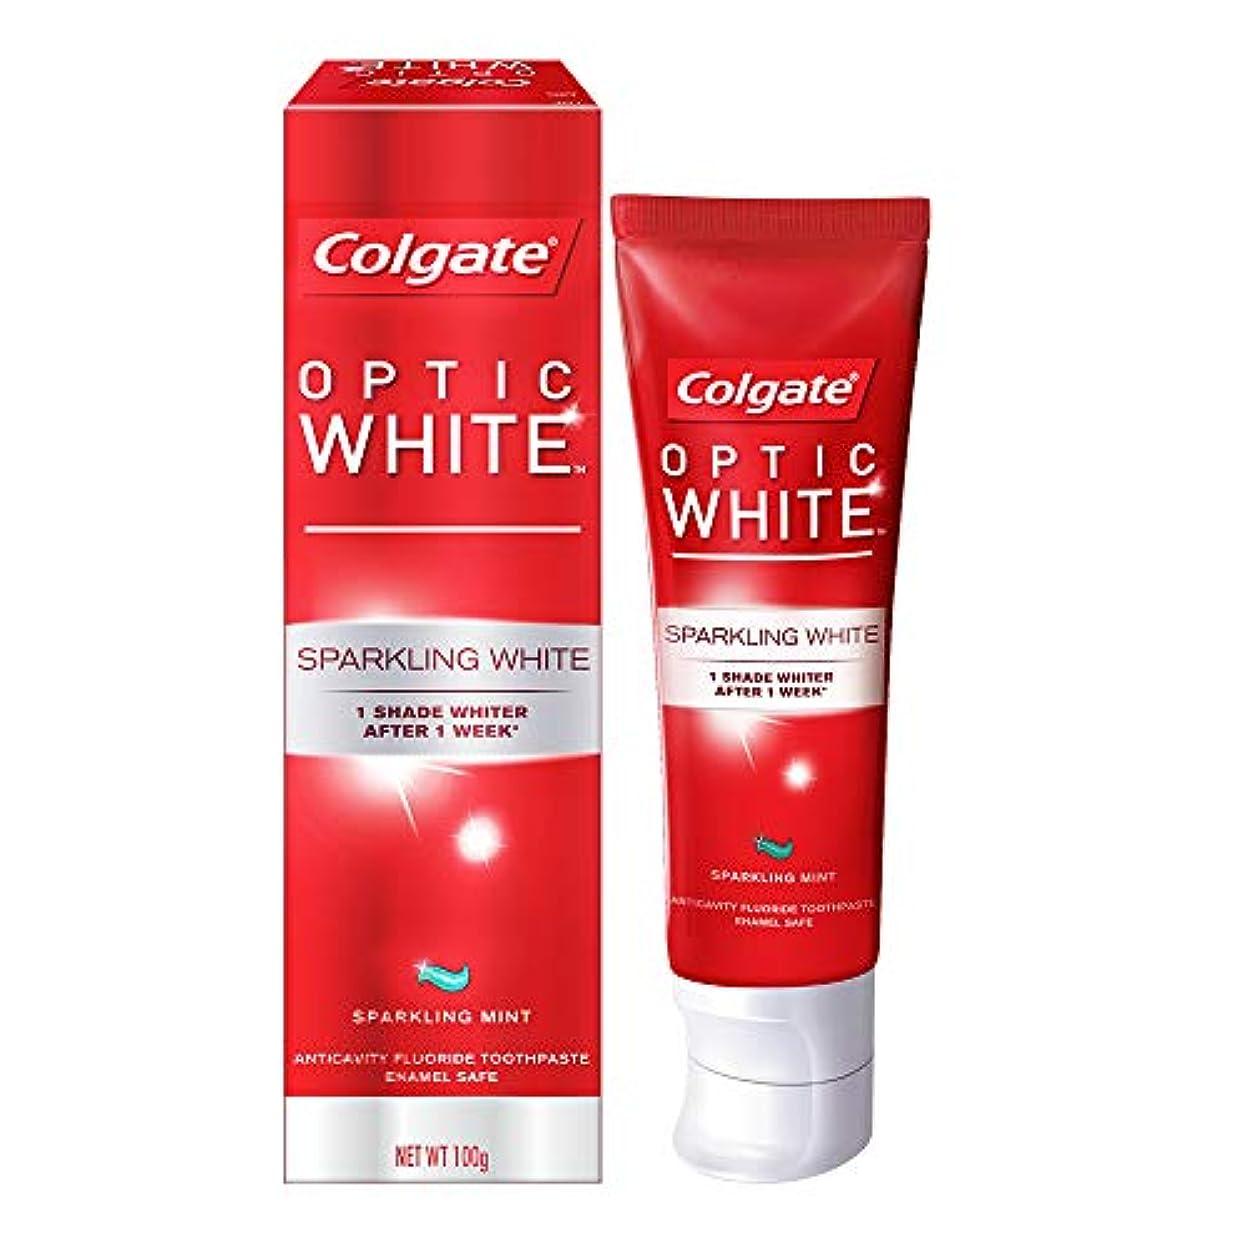 引くダーツ分岐するコールゲート オプティック ホワイト スパークリングシャイン 100g 歯磨き粉 Colgate Optic White Sparkling Shine 100g Tooth Paste